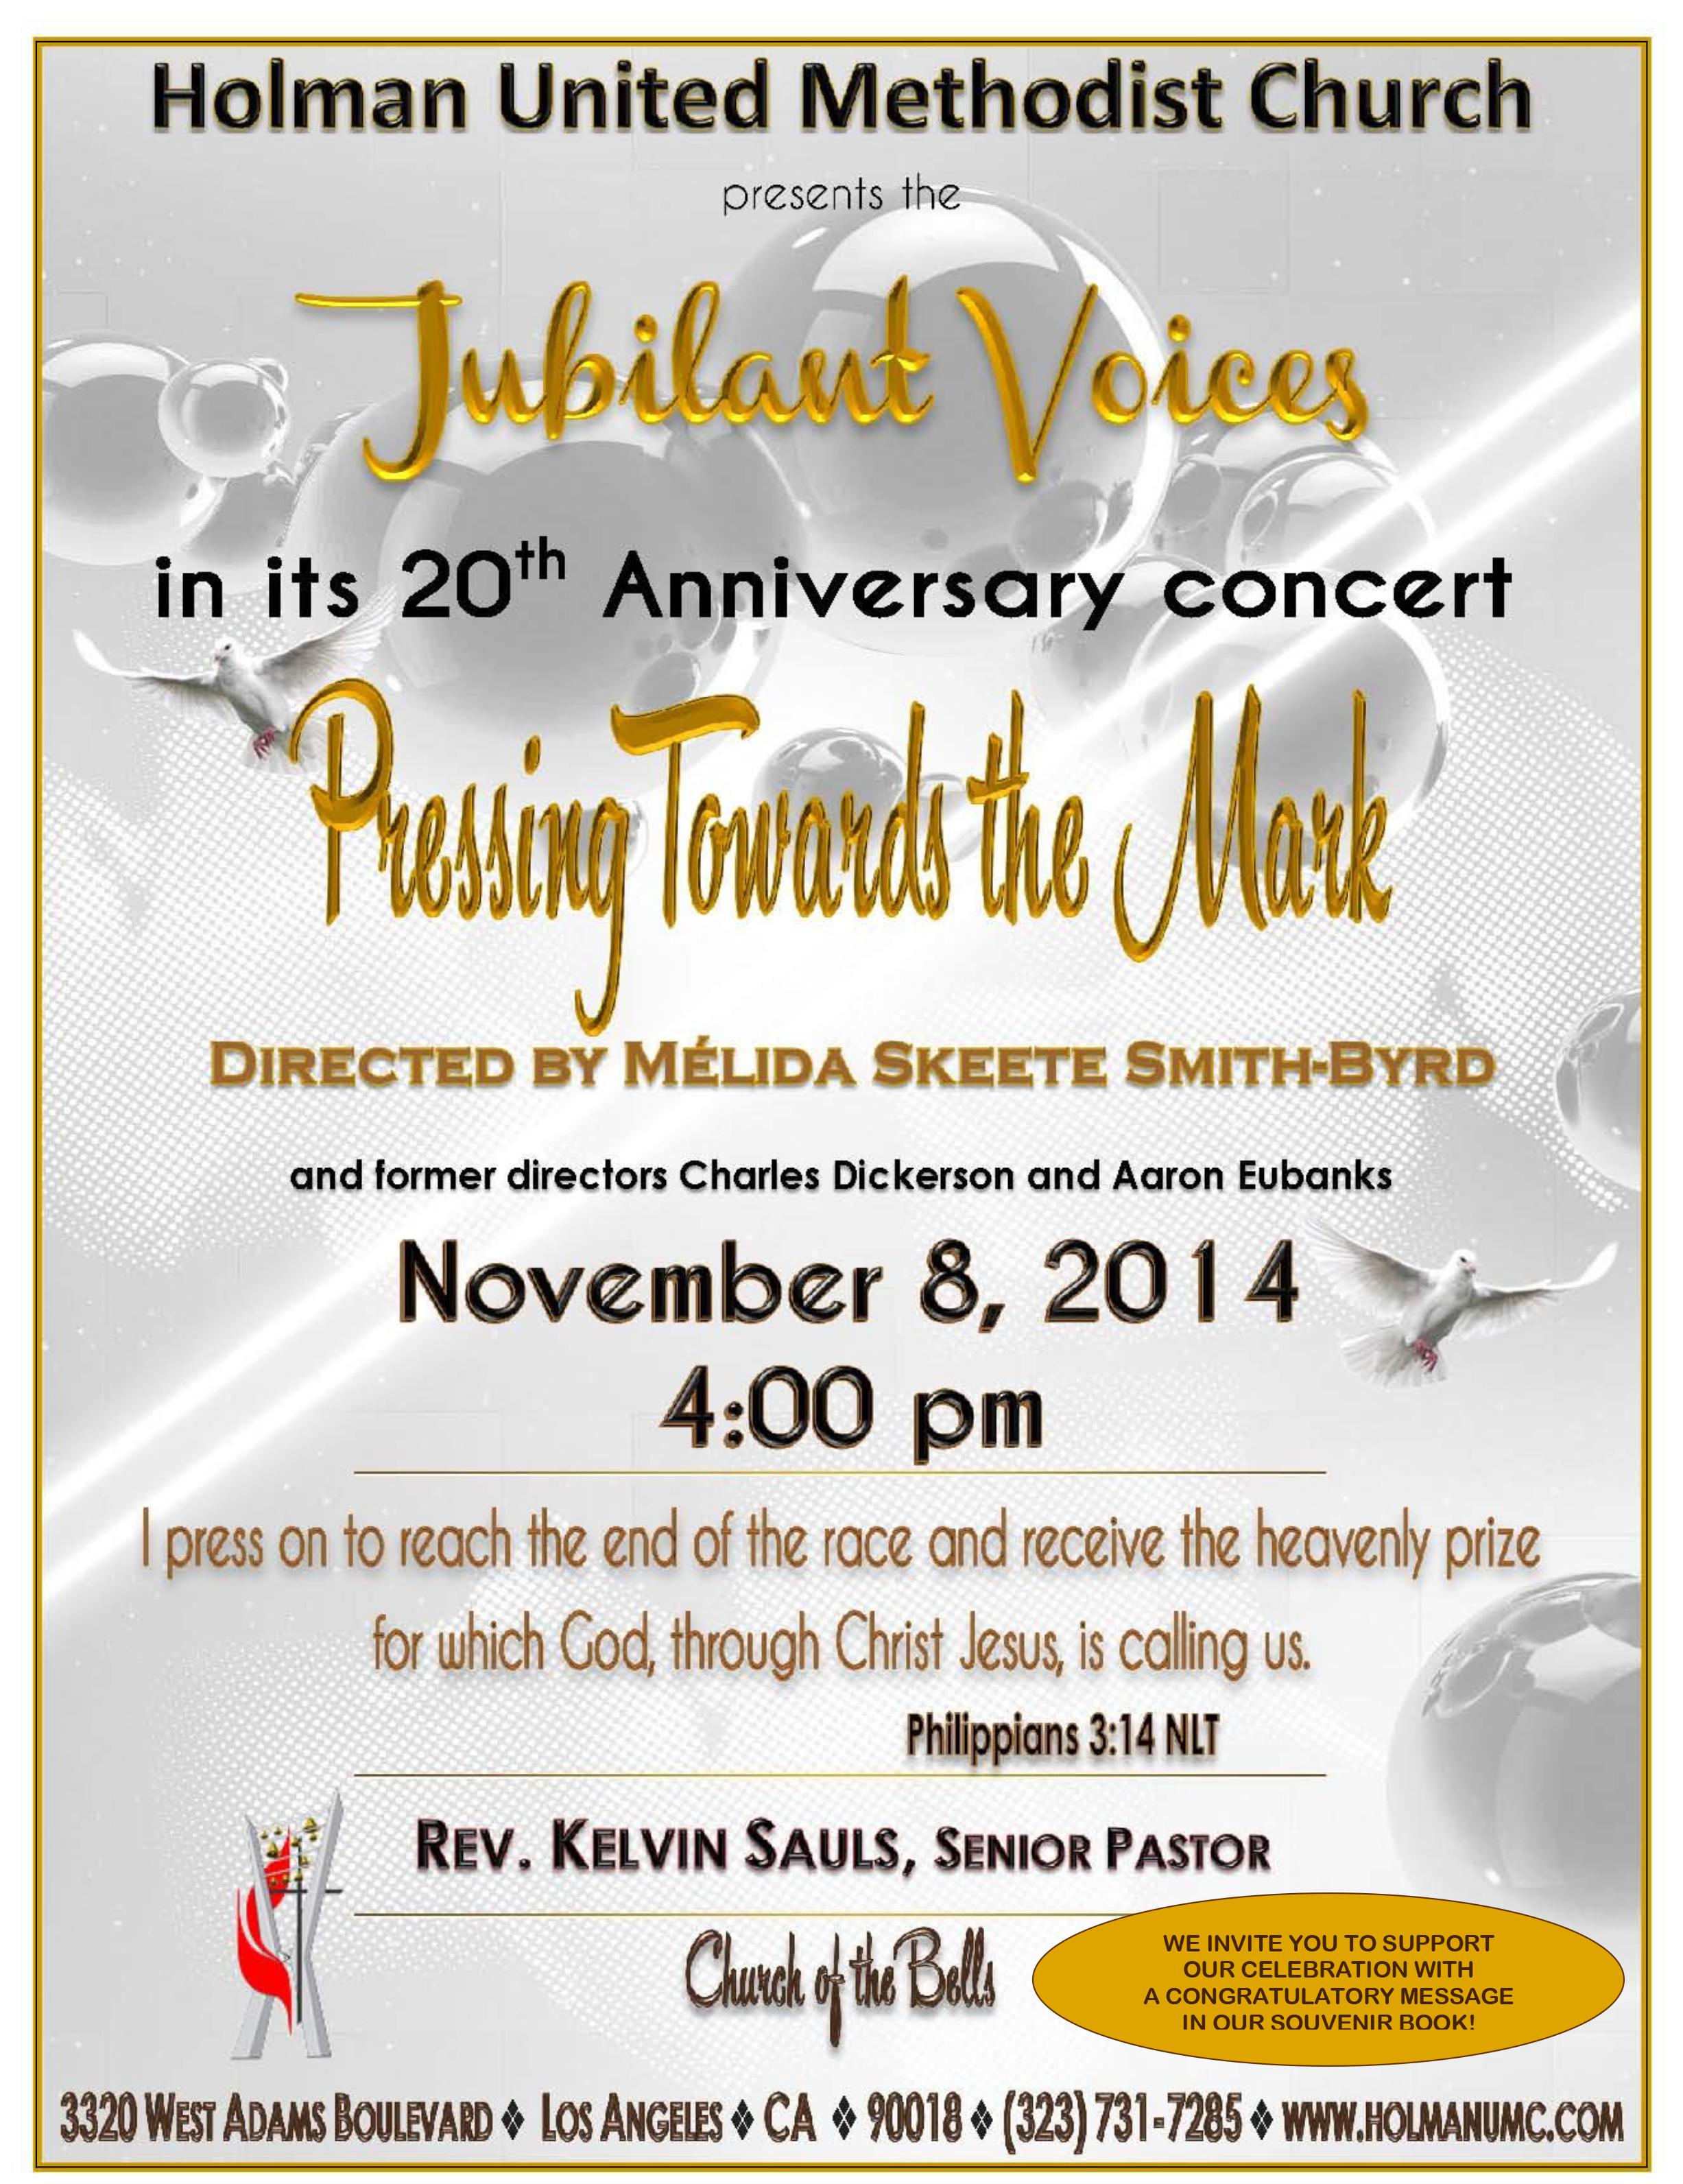 Jubilant voices concert flyer